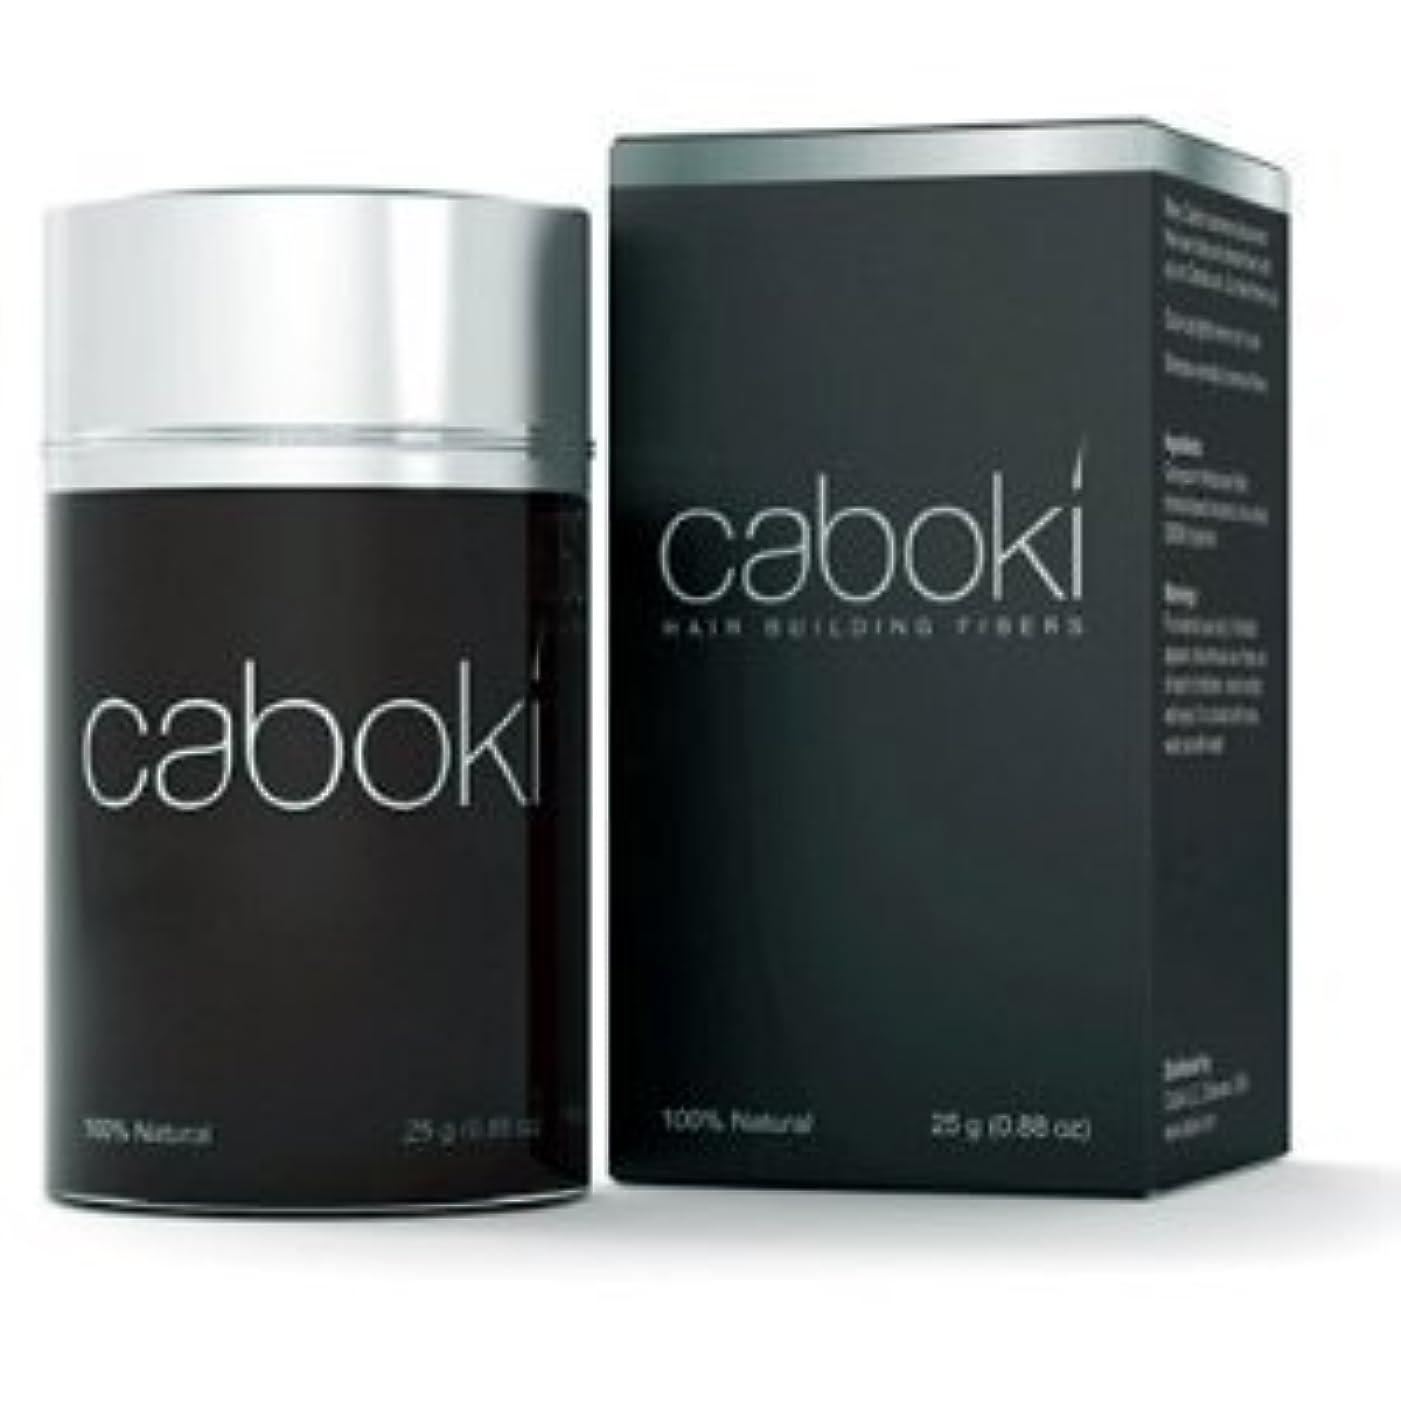 危険な嵐その後Caboki カボキコンシーラー 約50日分 25g  (ミディアムブラウン MediumBrown) [並行輸入品]